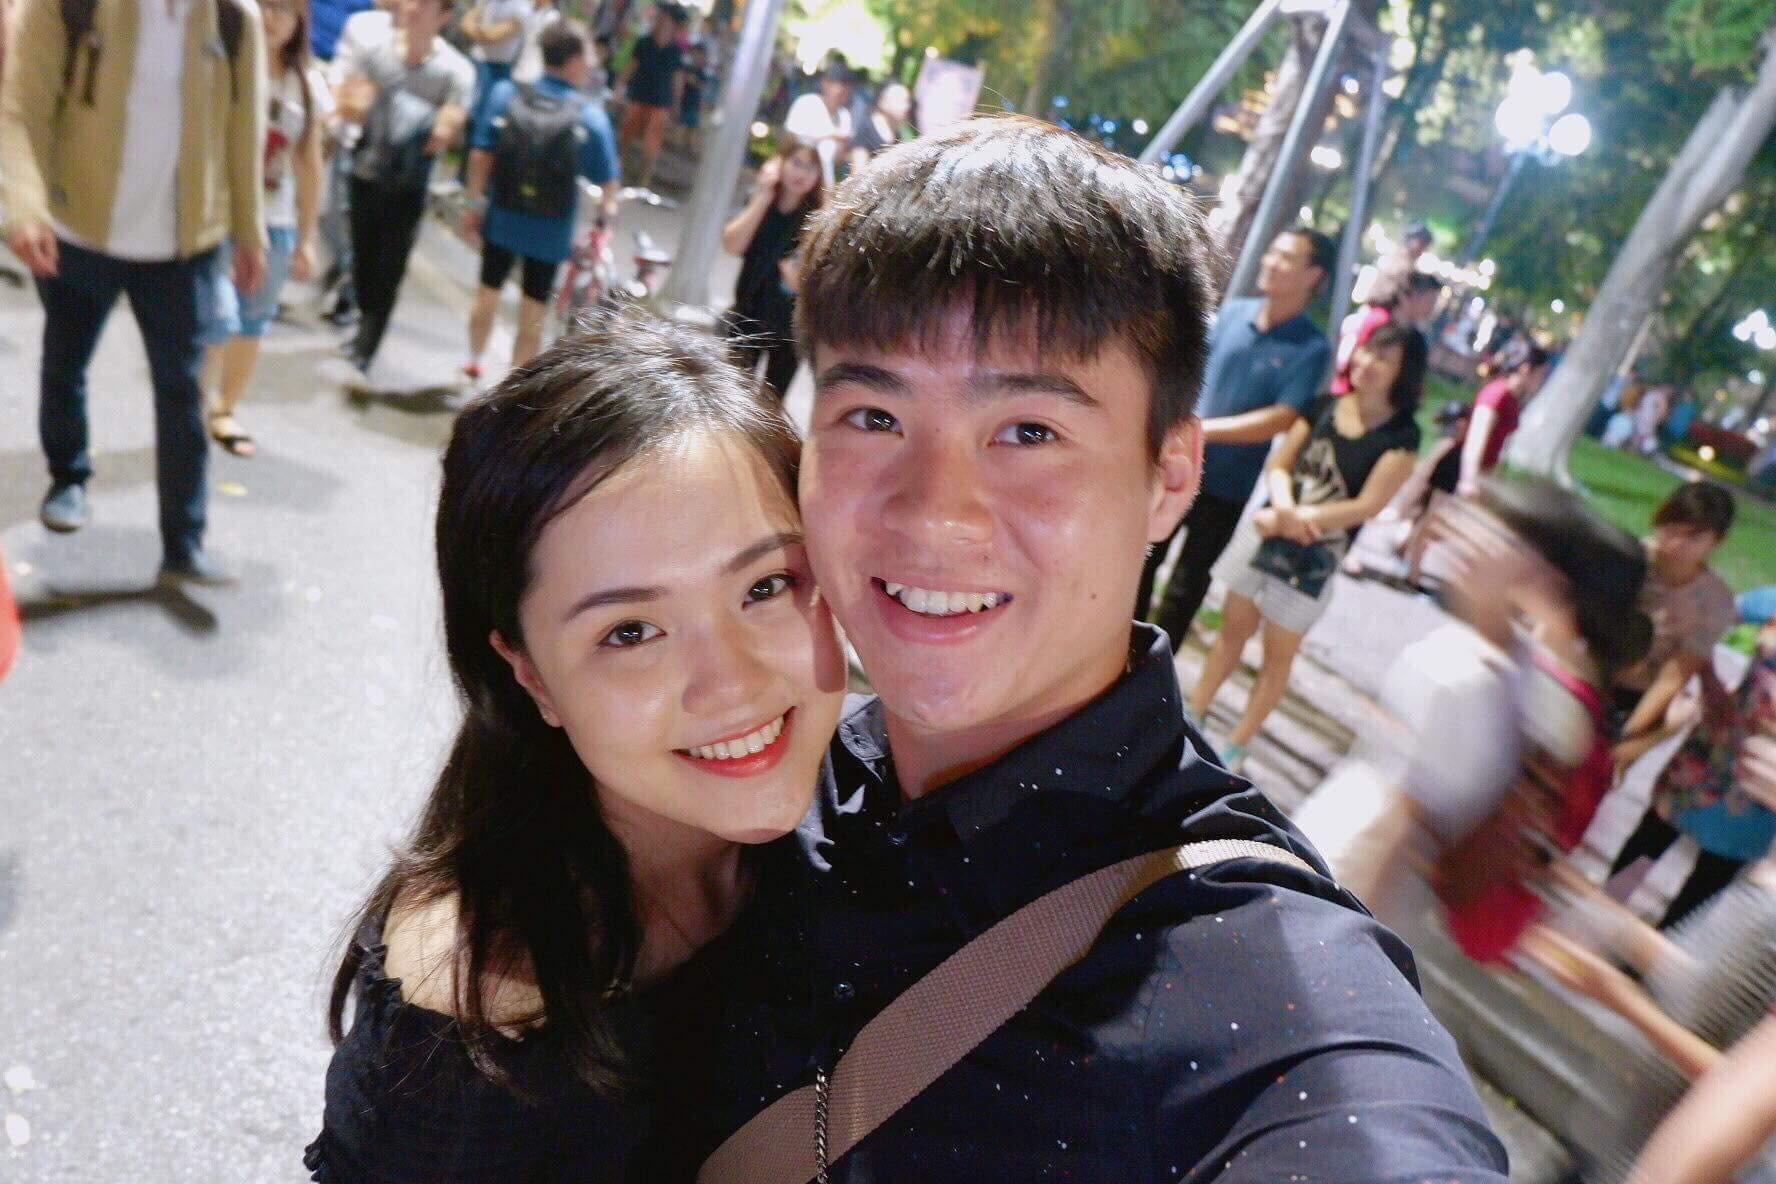 """Gặp cô bạn gái xinh xắn, """"lầy lội"""" của Duy Mạnh U23: Sáng tác cả truyện chế, ship người yêu với Đình Trọng, Tiến Dũng - Ảnh 1."""